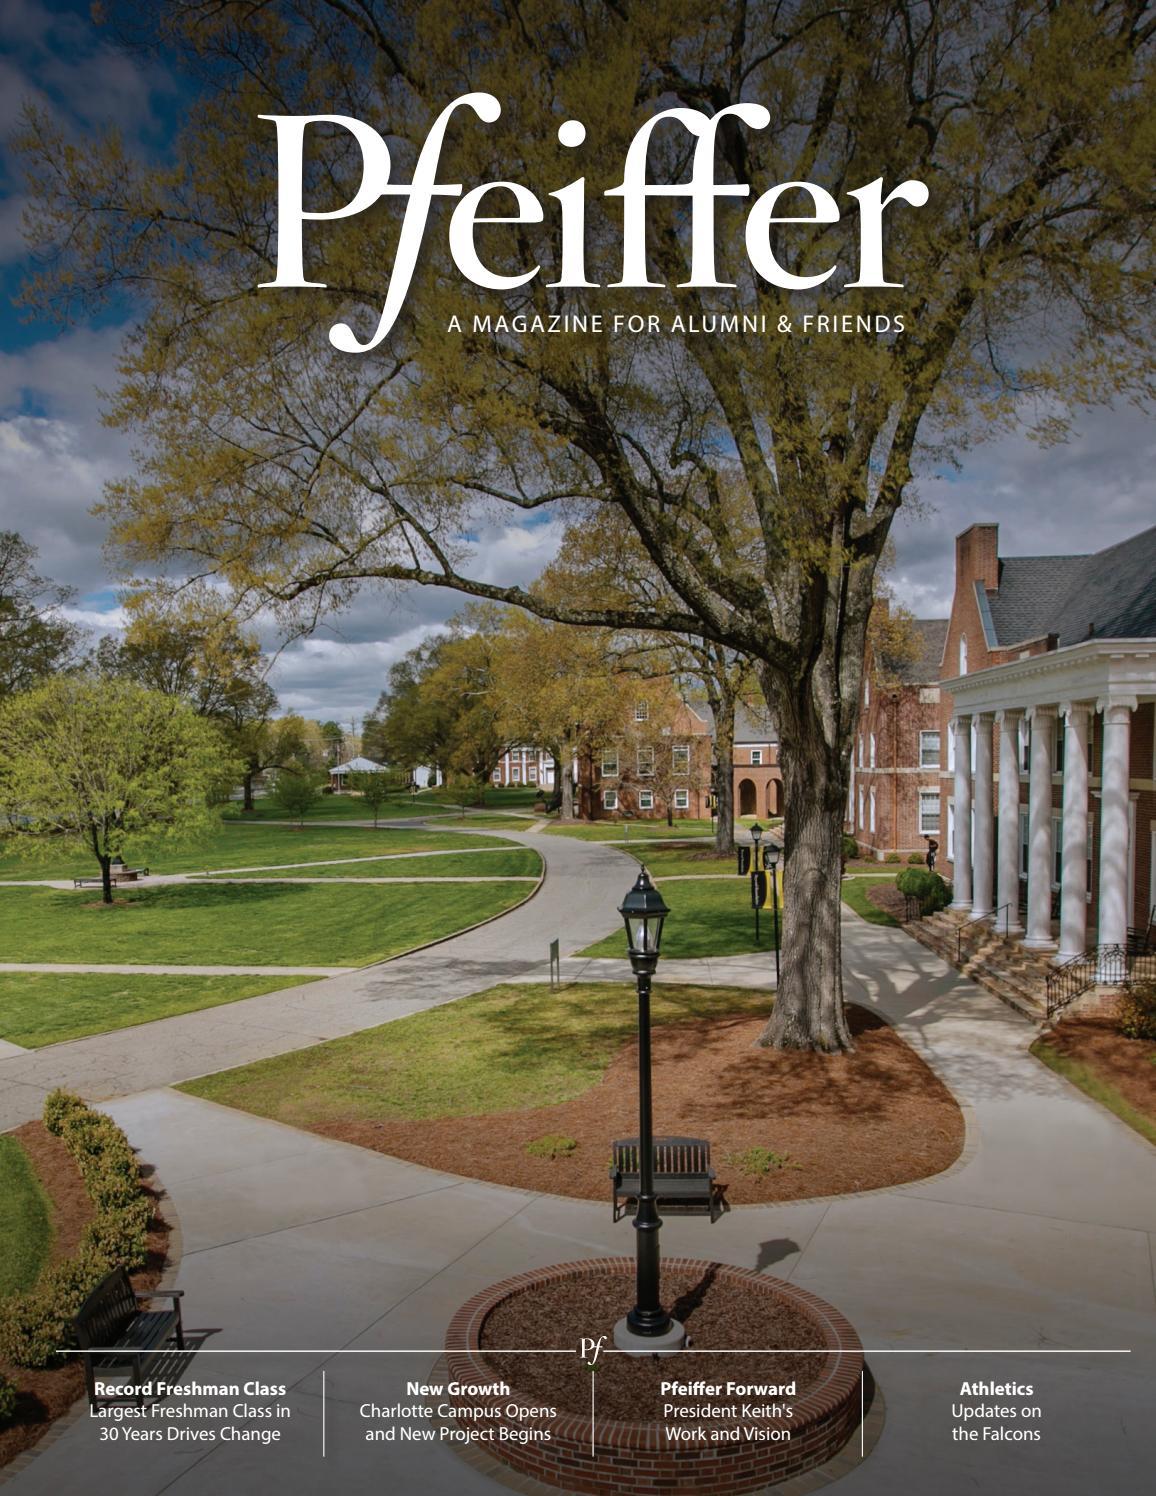 Pfeiffer University Alumni   Friends Magazine 2018 by Pfeiffer University  Marketing   Communications - issuu edb2eea7c4c7a